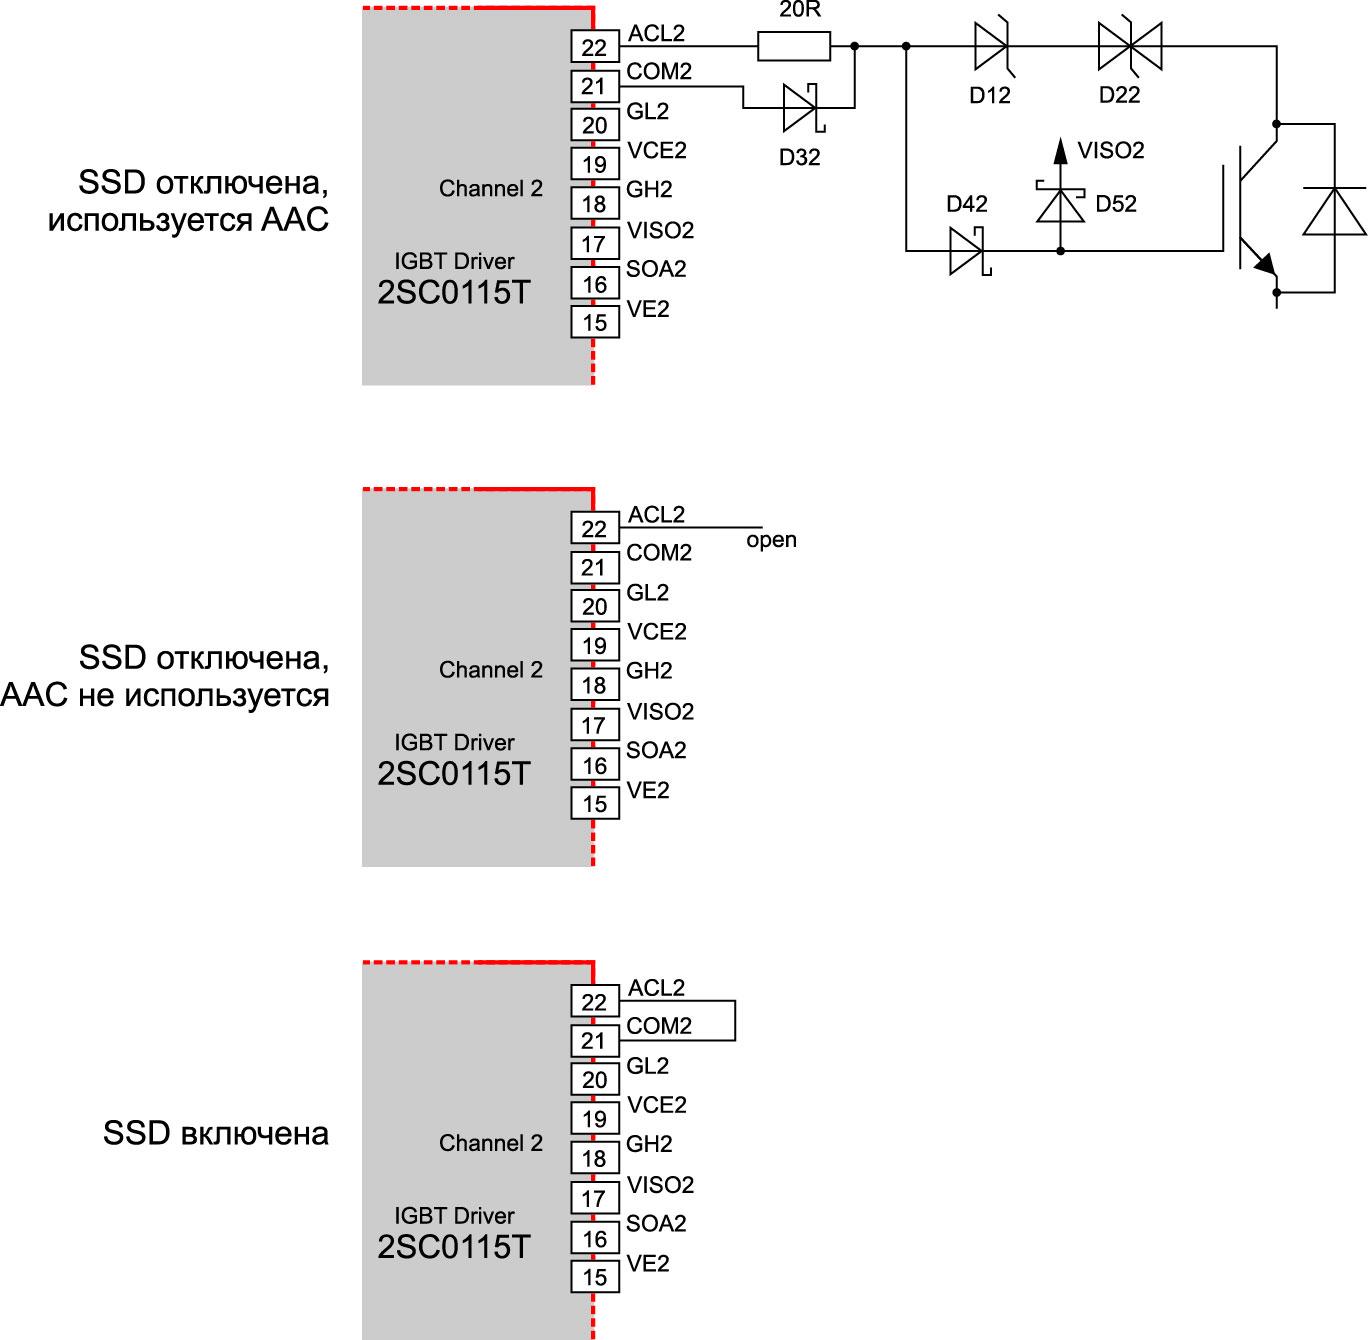 Схемы активации/деактивации функций SSD и AAC драйвера 2SC0115T